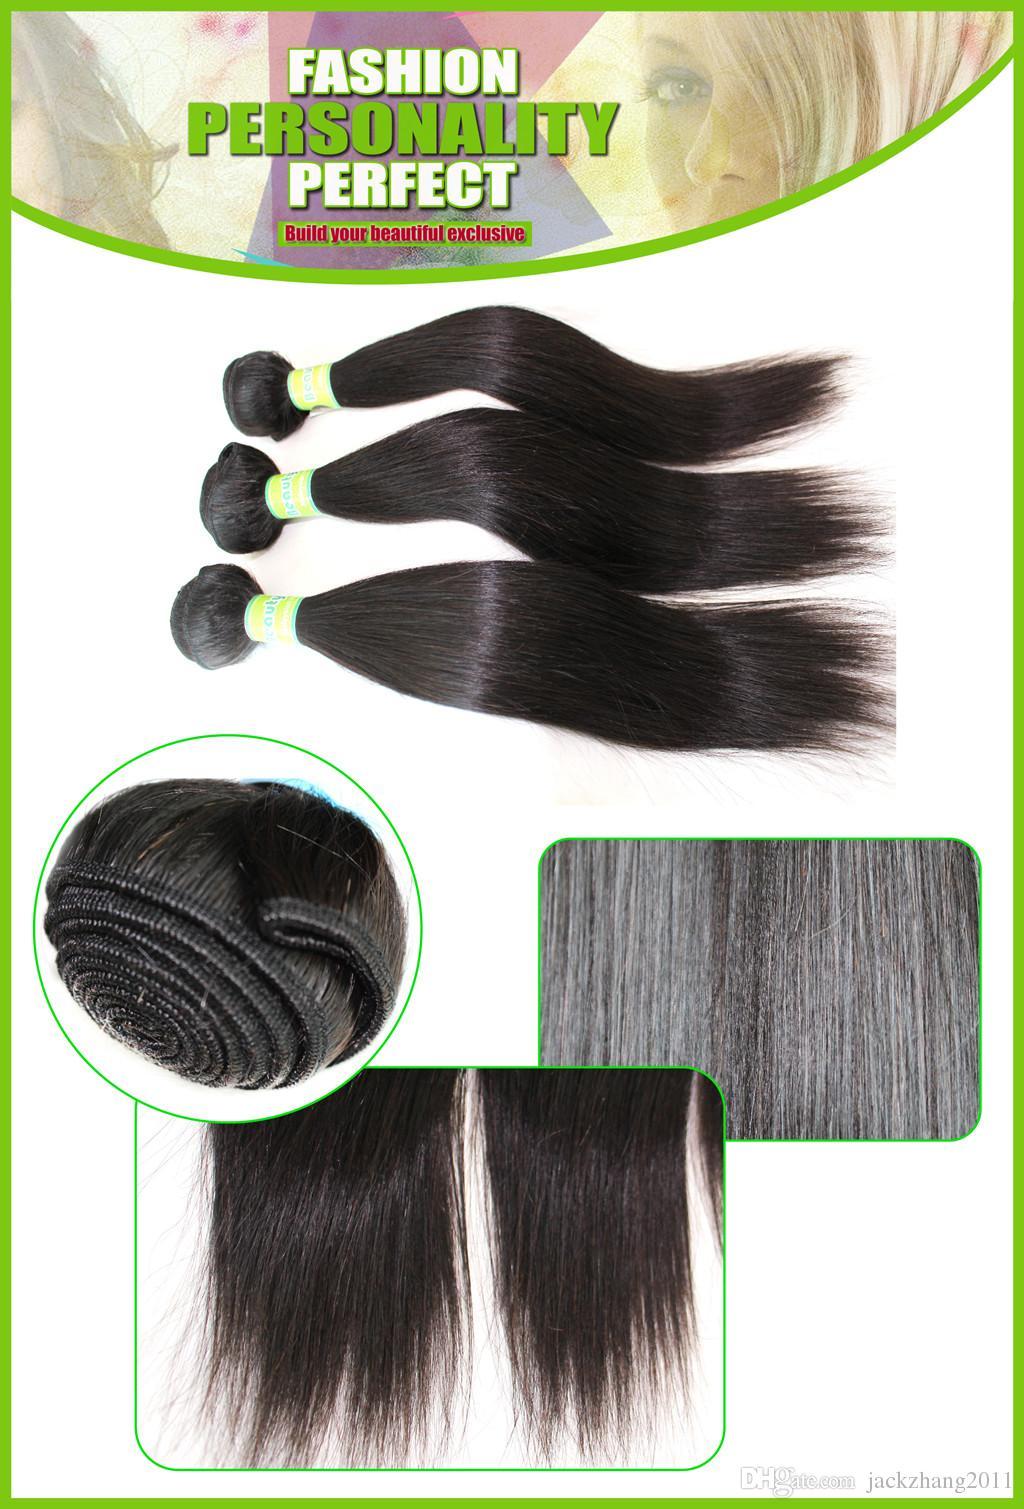 Brasilianische Haarwebart Kaufen Sie 3 Stück Haar Holen Sie sich eine kostenlose Lace Closure unverarbeitete malaysische indische peruanische mongolische Echthaarverlängerung